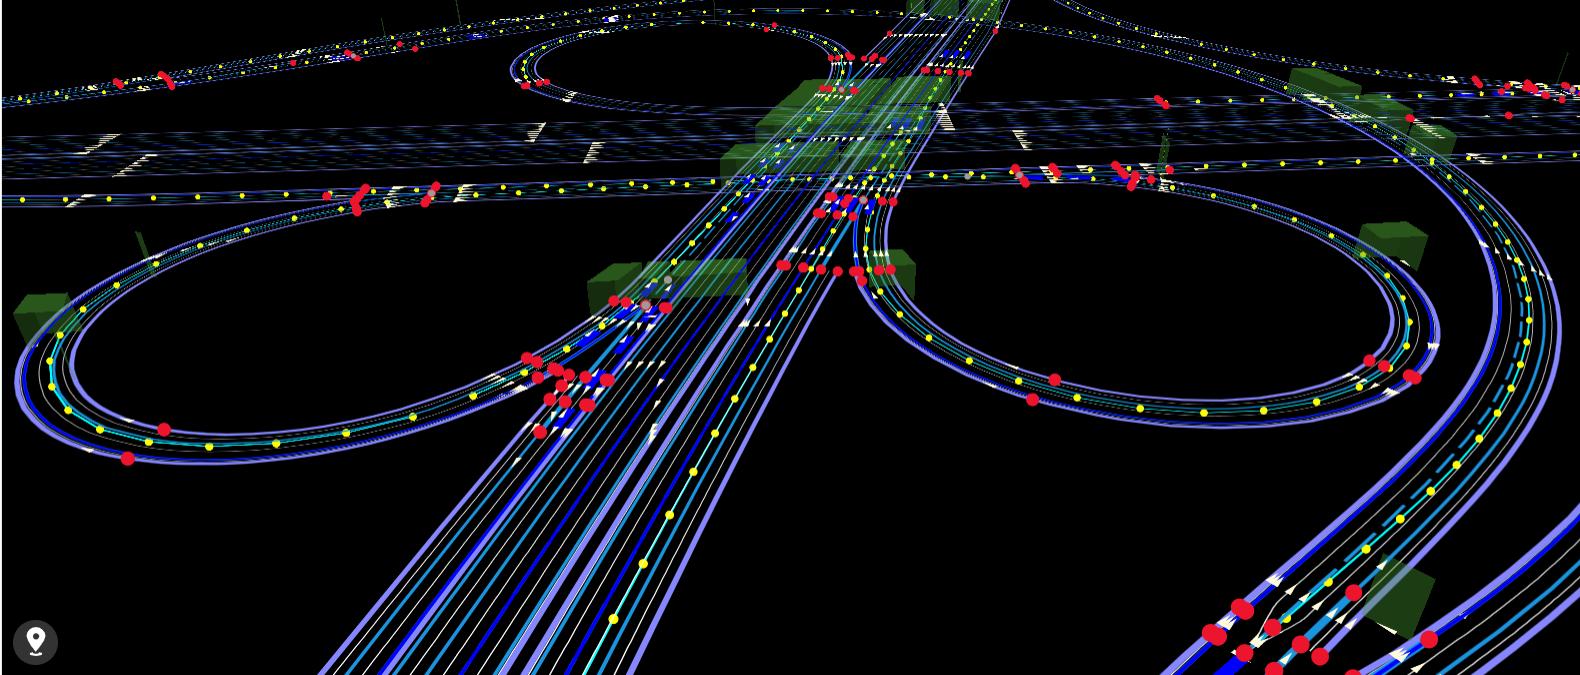 小鹏P7 XPILOT 3.0系统将搭载高德高精地图